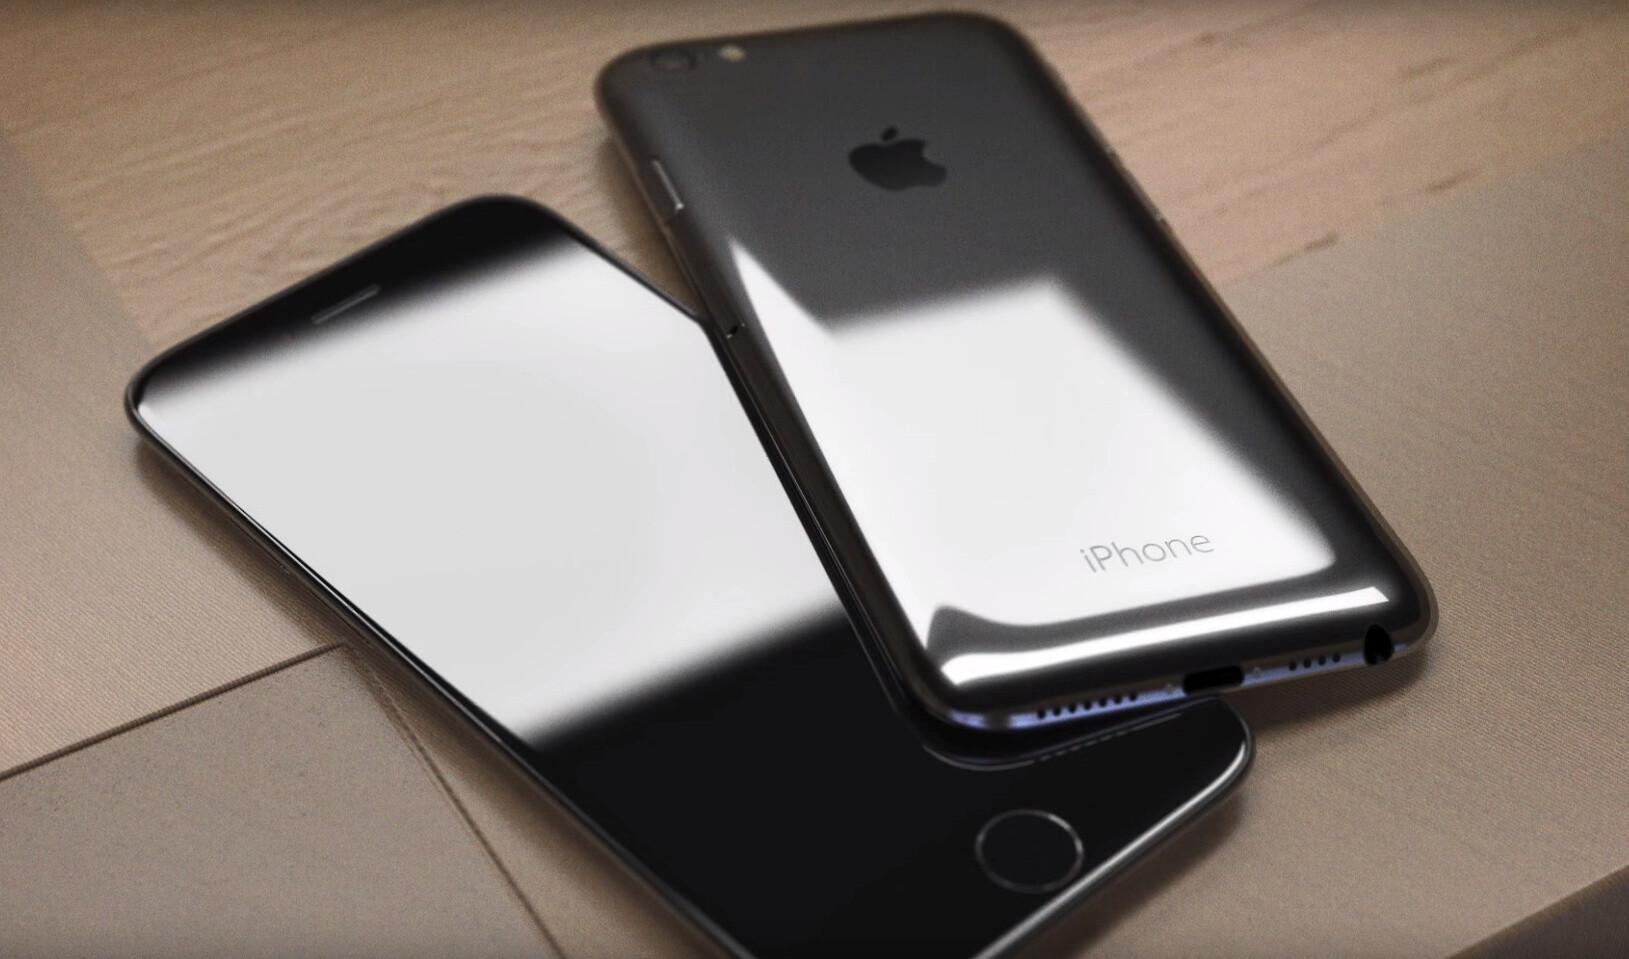 caja iphone 3gs